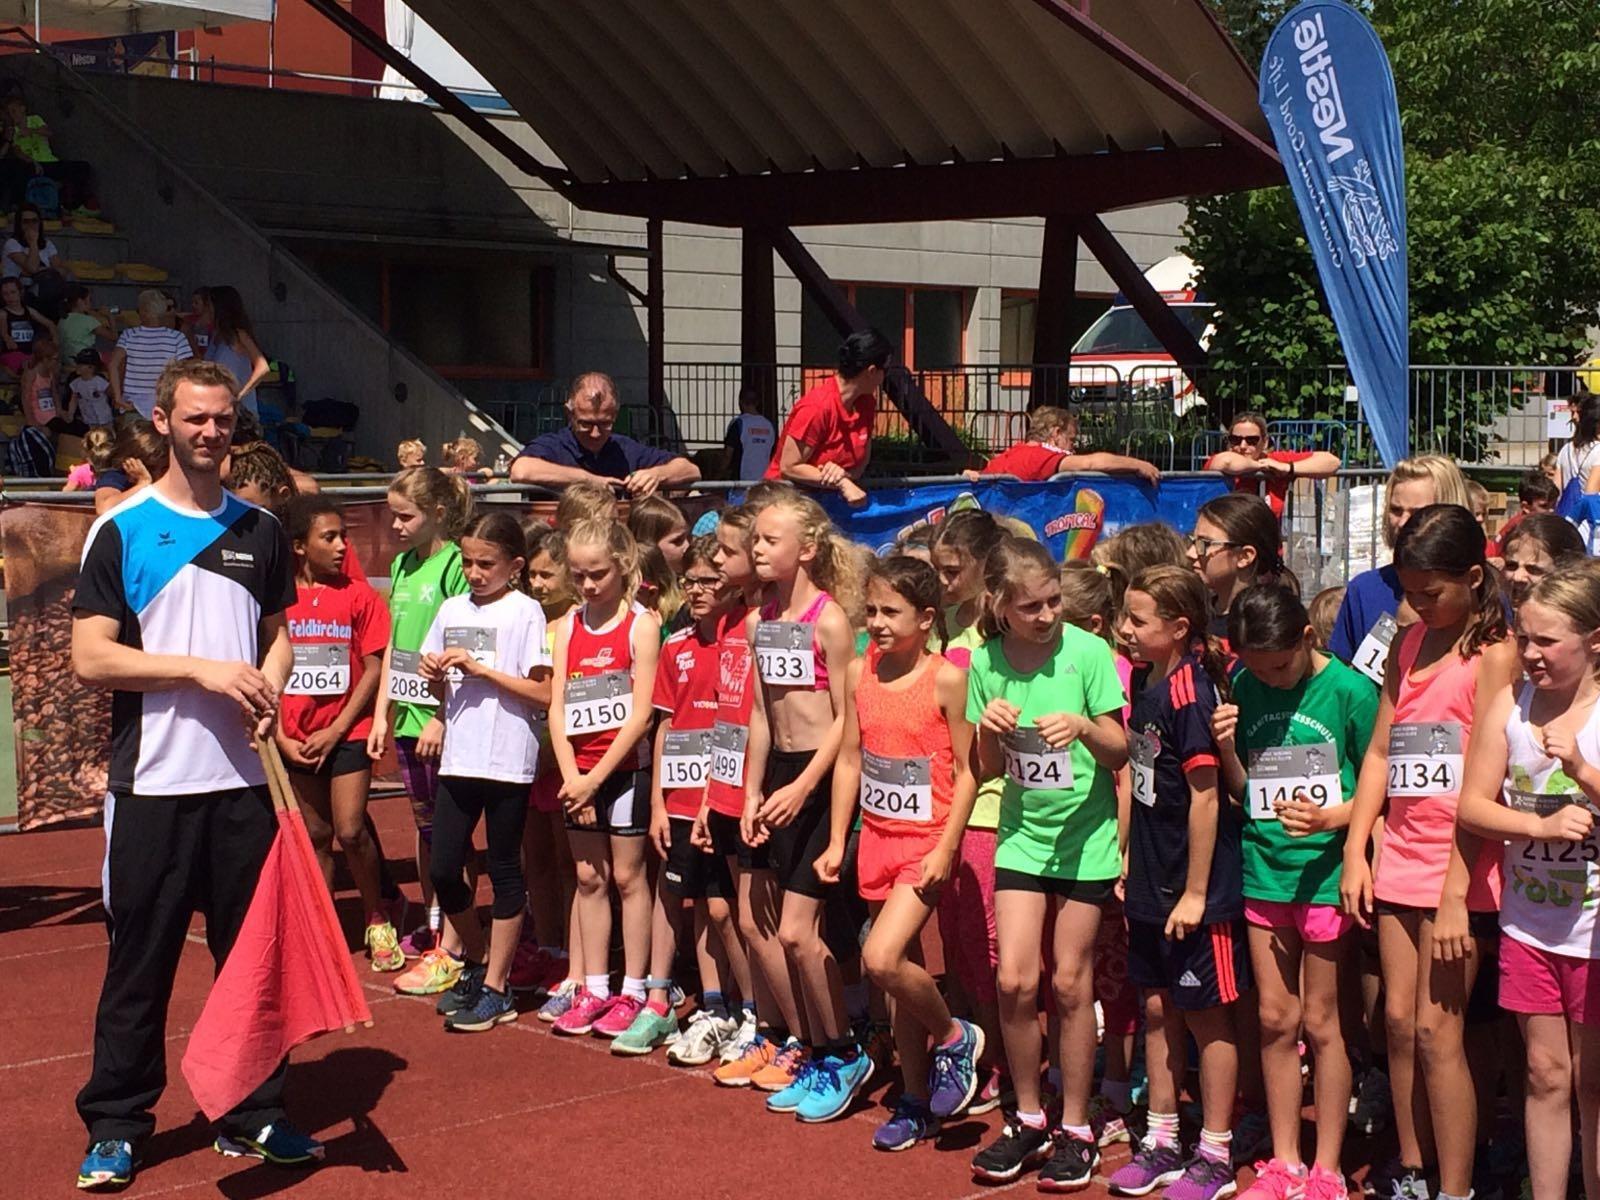 Laufen -rtr-weiz-vivian-3-Österreichische Schullaufmeisterschaften Traun bei Linz -2016